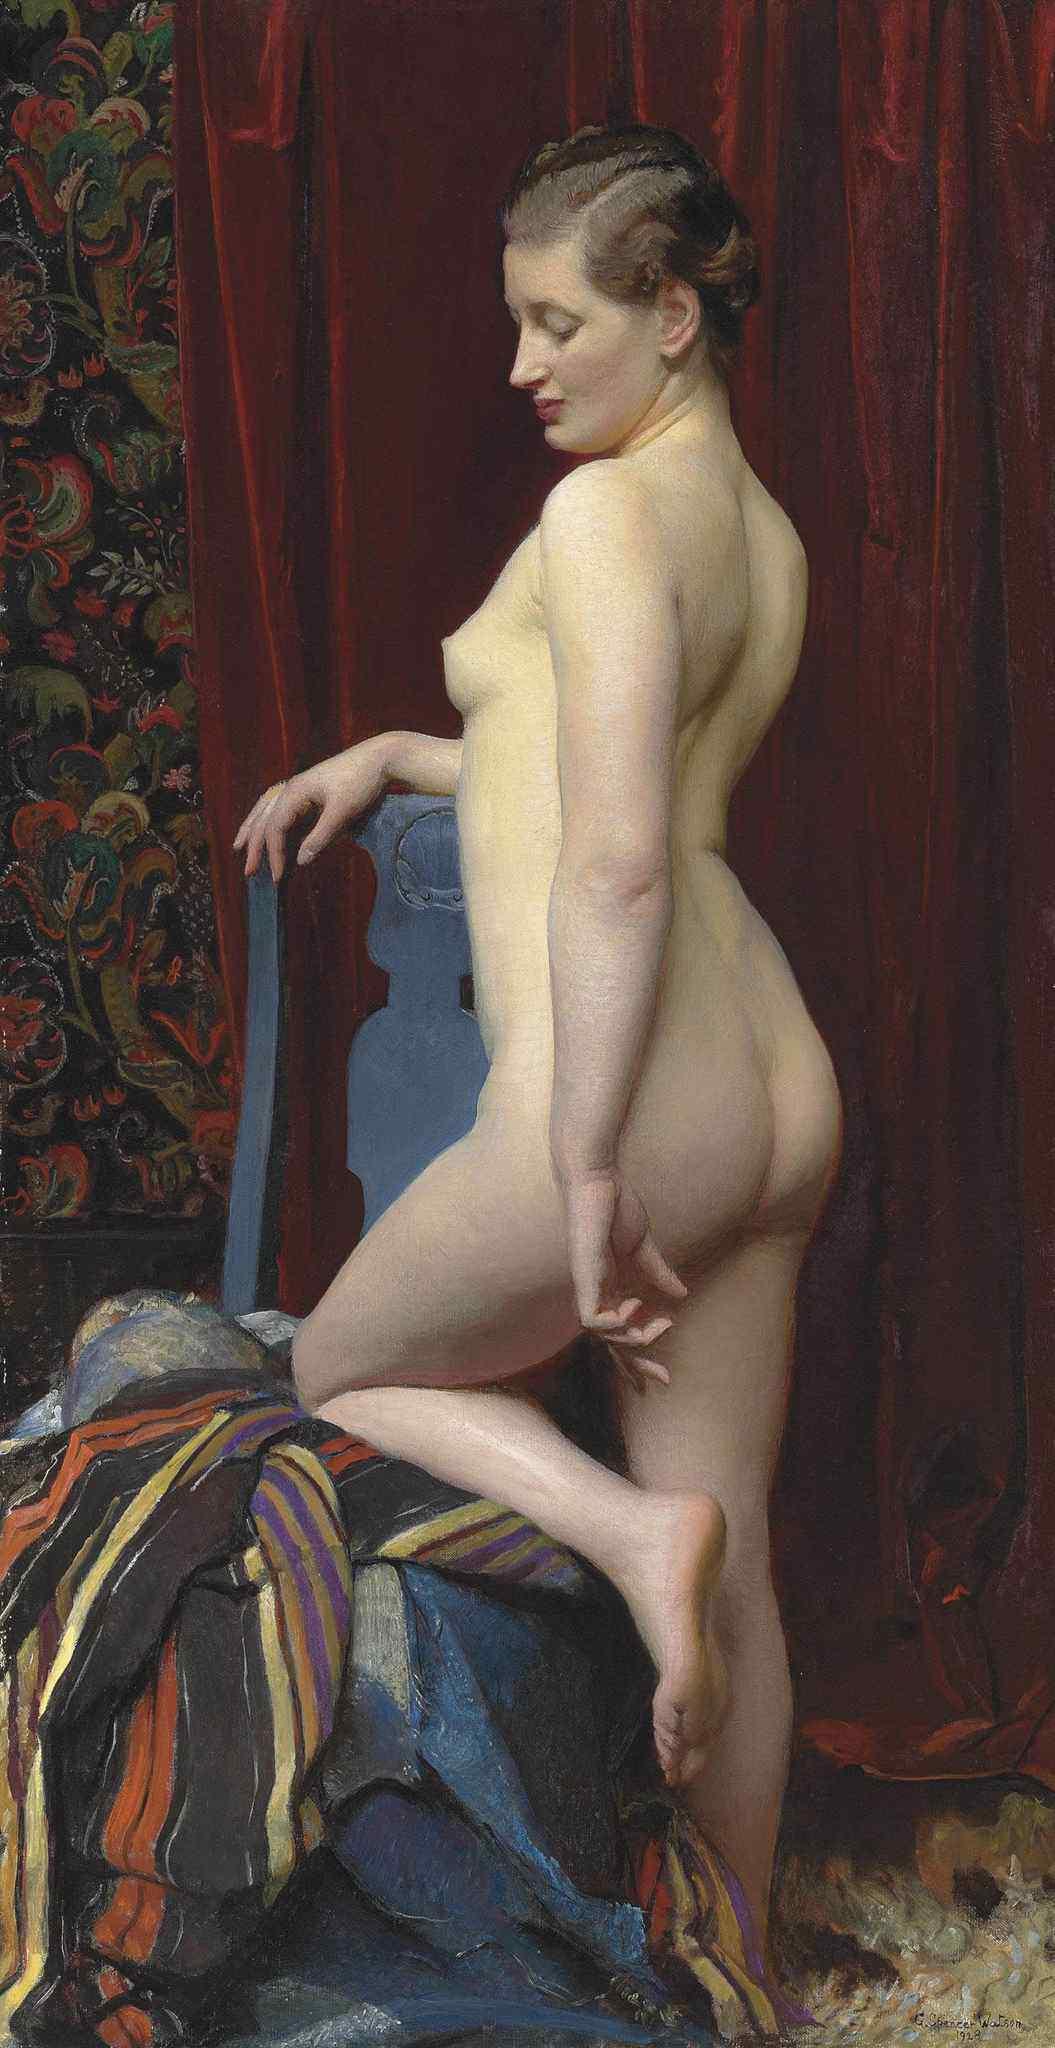 George Spencer Watson, 1869-1934. Стоящая обнаженная. 96.2 x 50.8 см. Частная коллекция